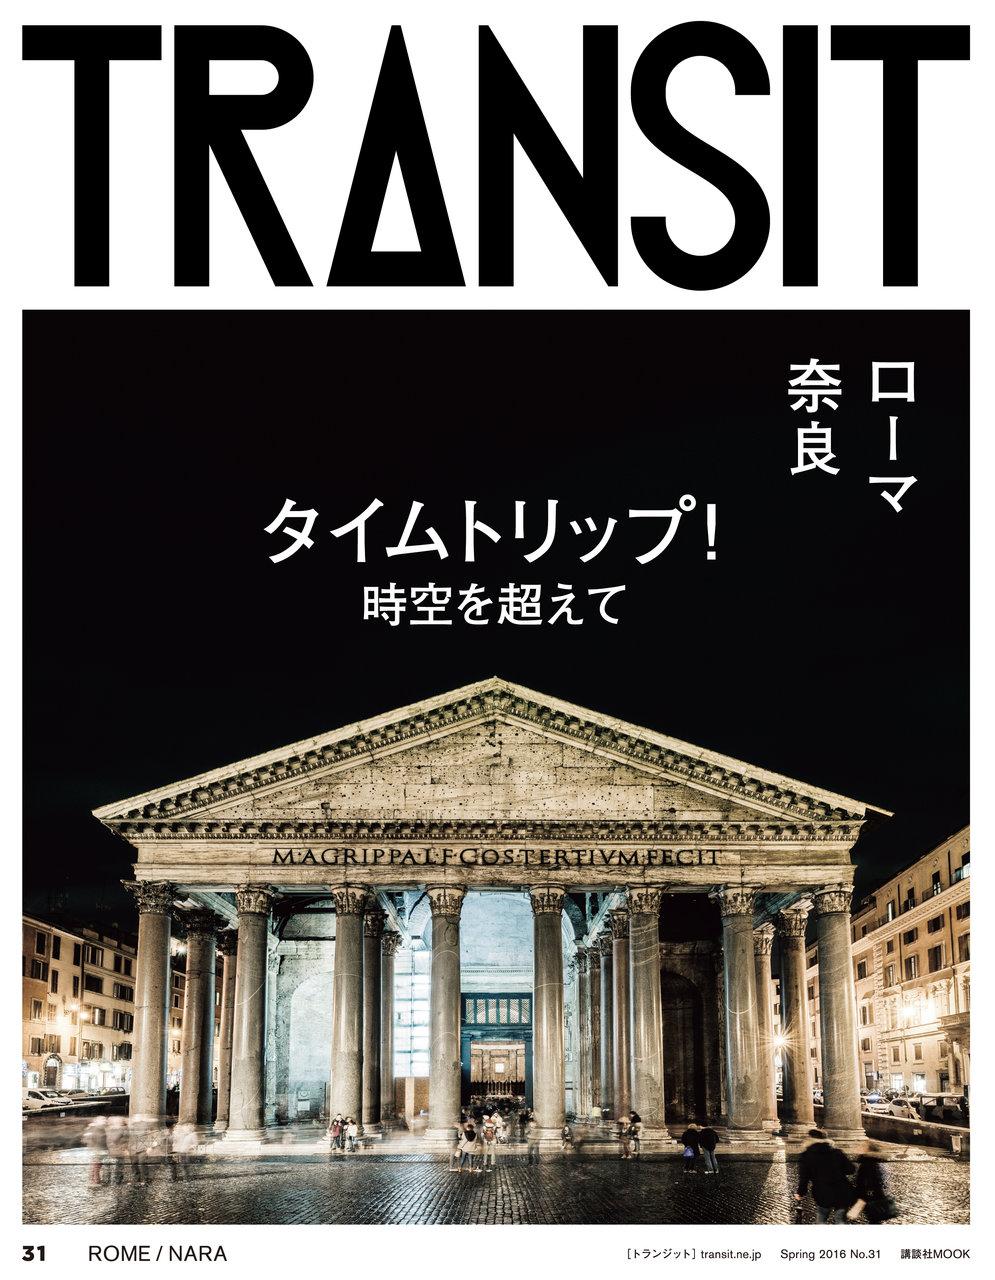 TRANSIT 31-H1_RGB